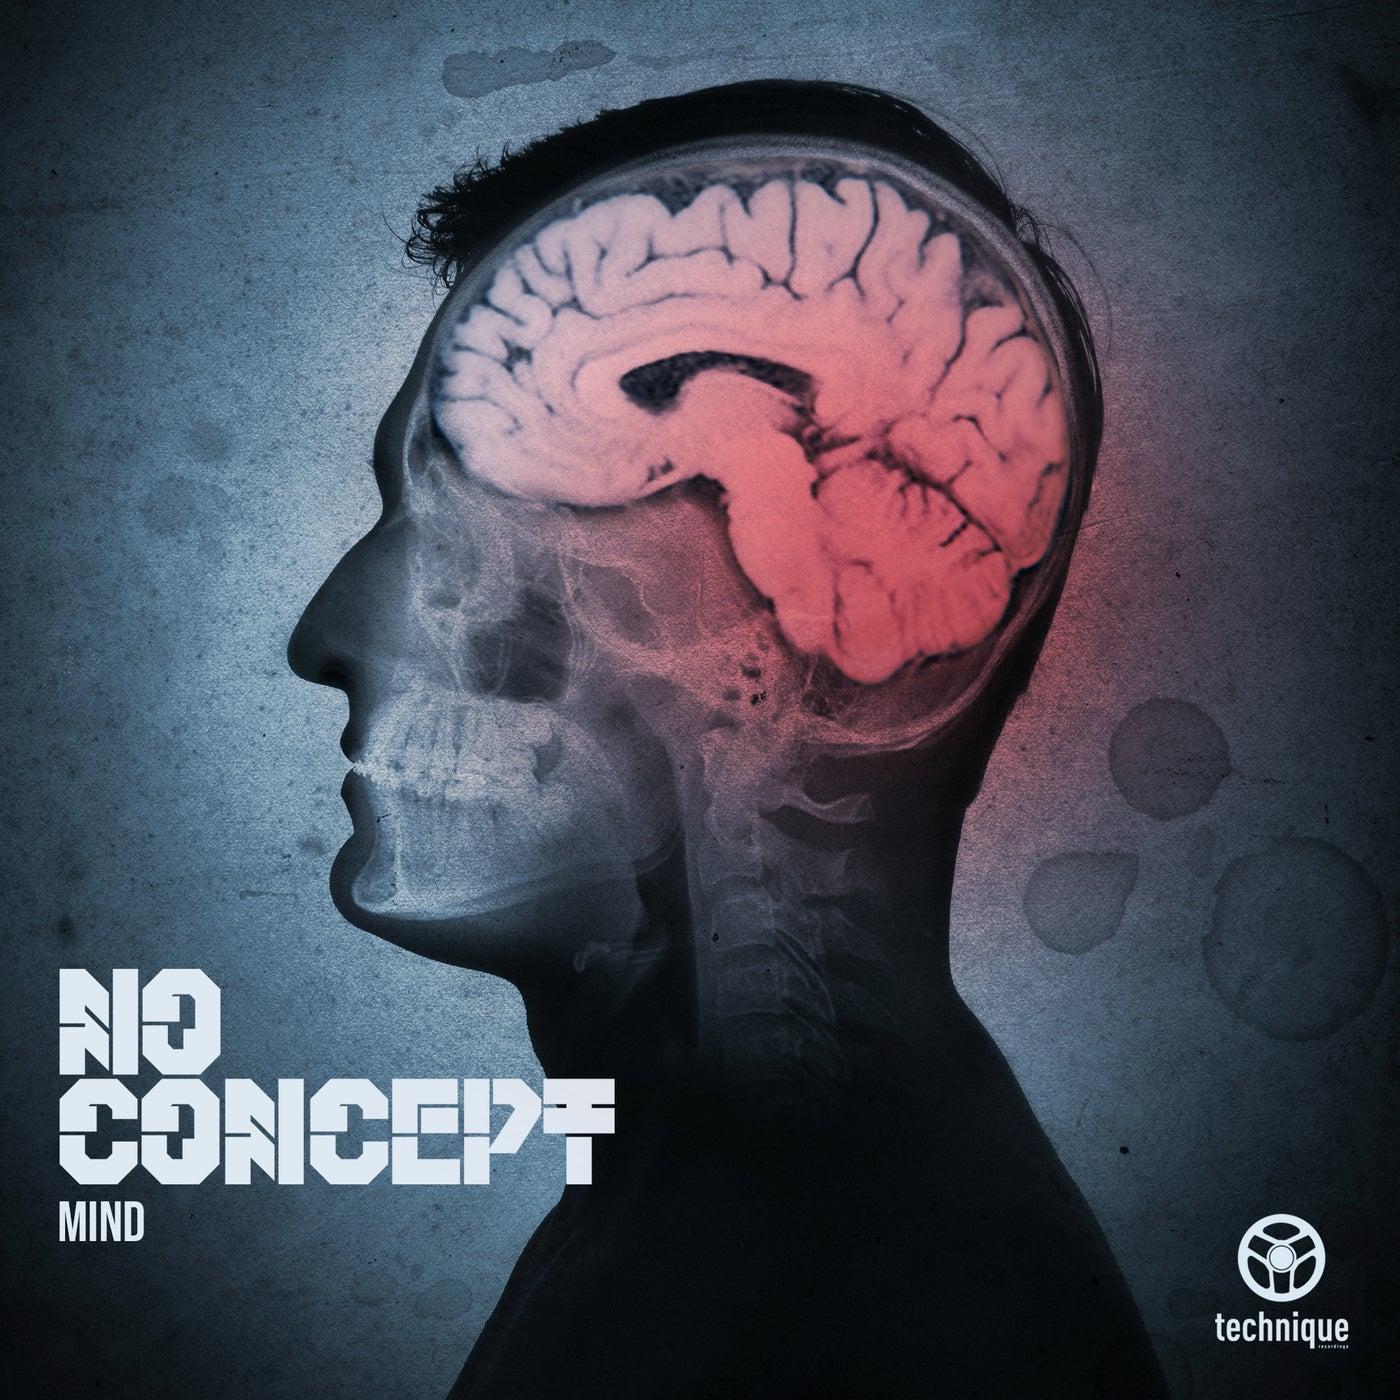 Mind (Original Mix)